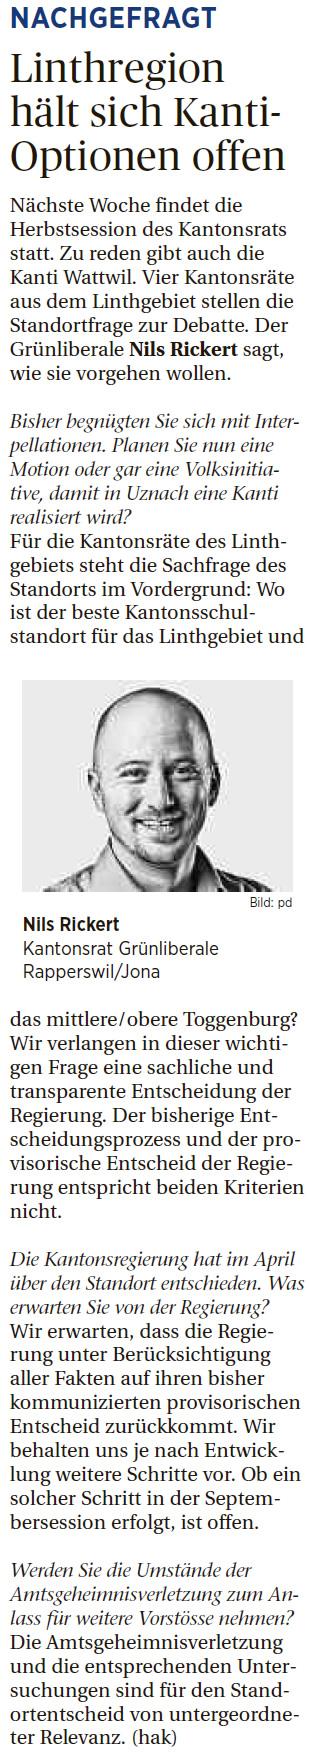 Linthgebiet hält sich Kanti-Optionen offen (Mittwoch, 10.09.2014)